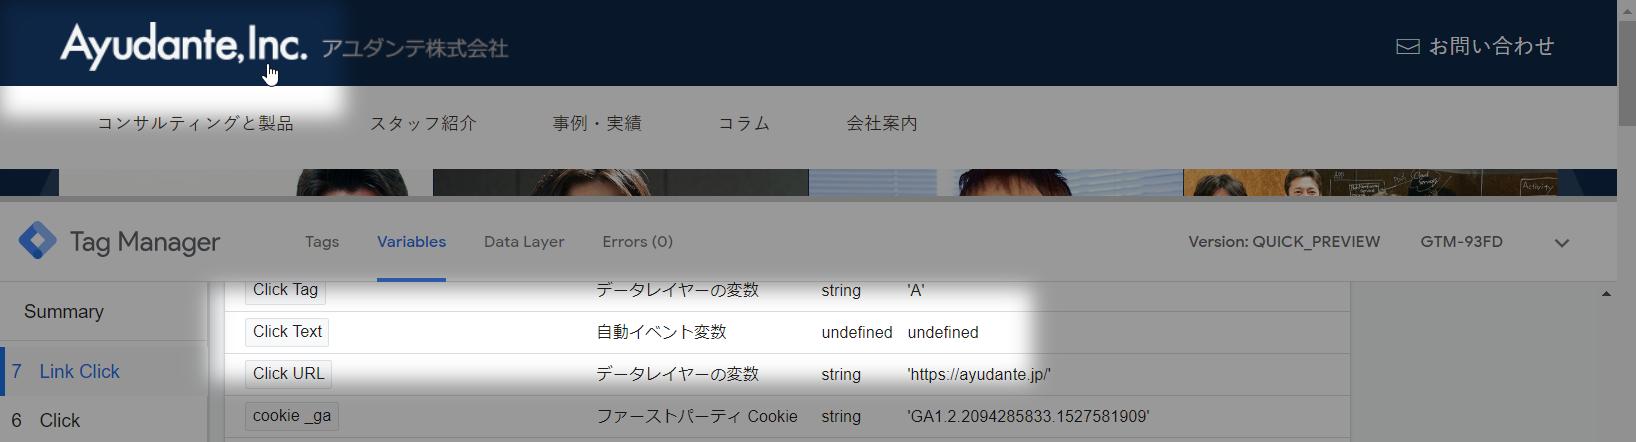 テキストを含まない画像リンクをクリックした時、Click Text変数の値はundefinedになる